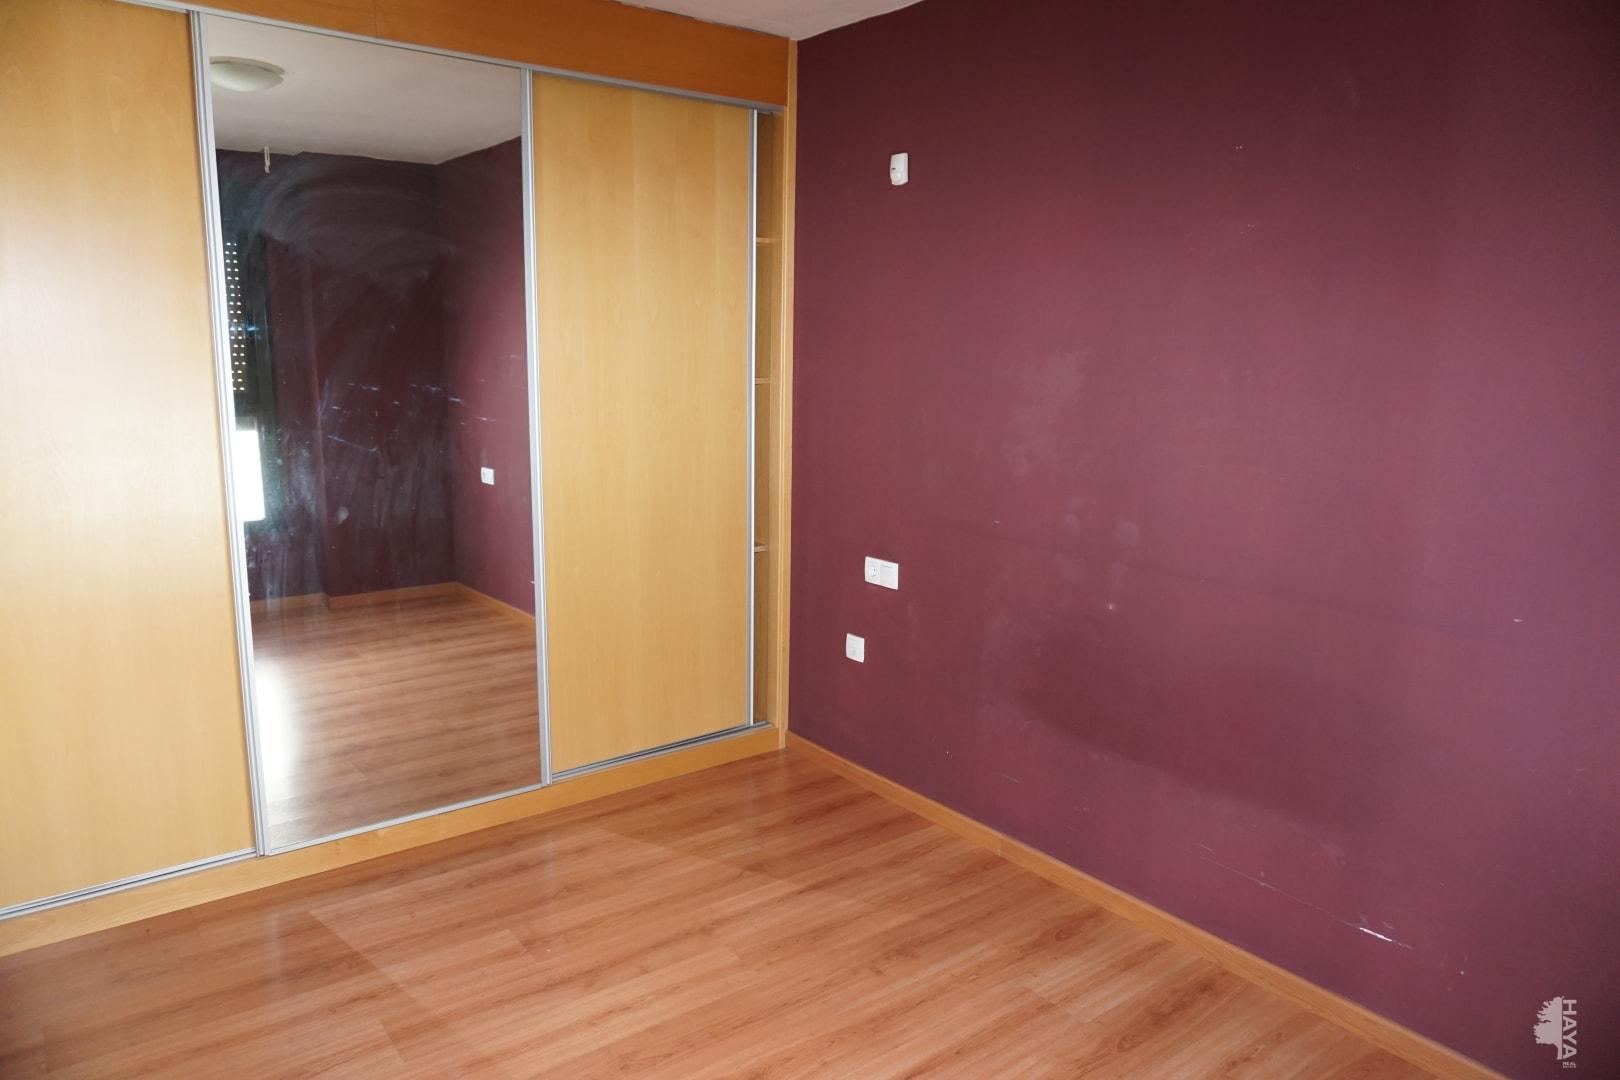 Piso en venta en Piso en Burriana, Castellón, 51.000 €, 2 habitaciones, 1 baño, 52 m2